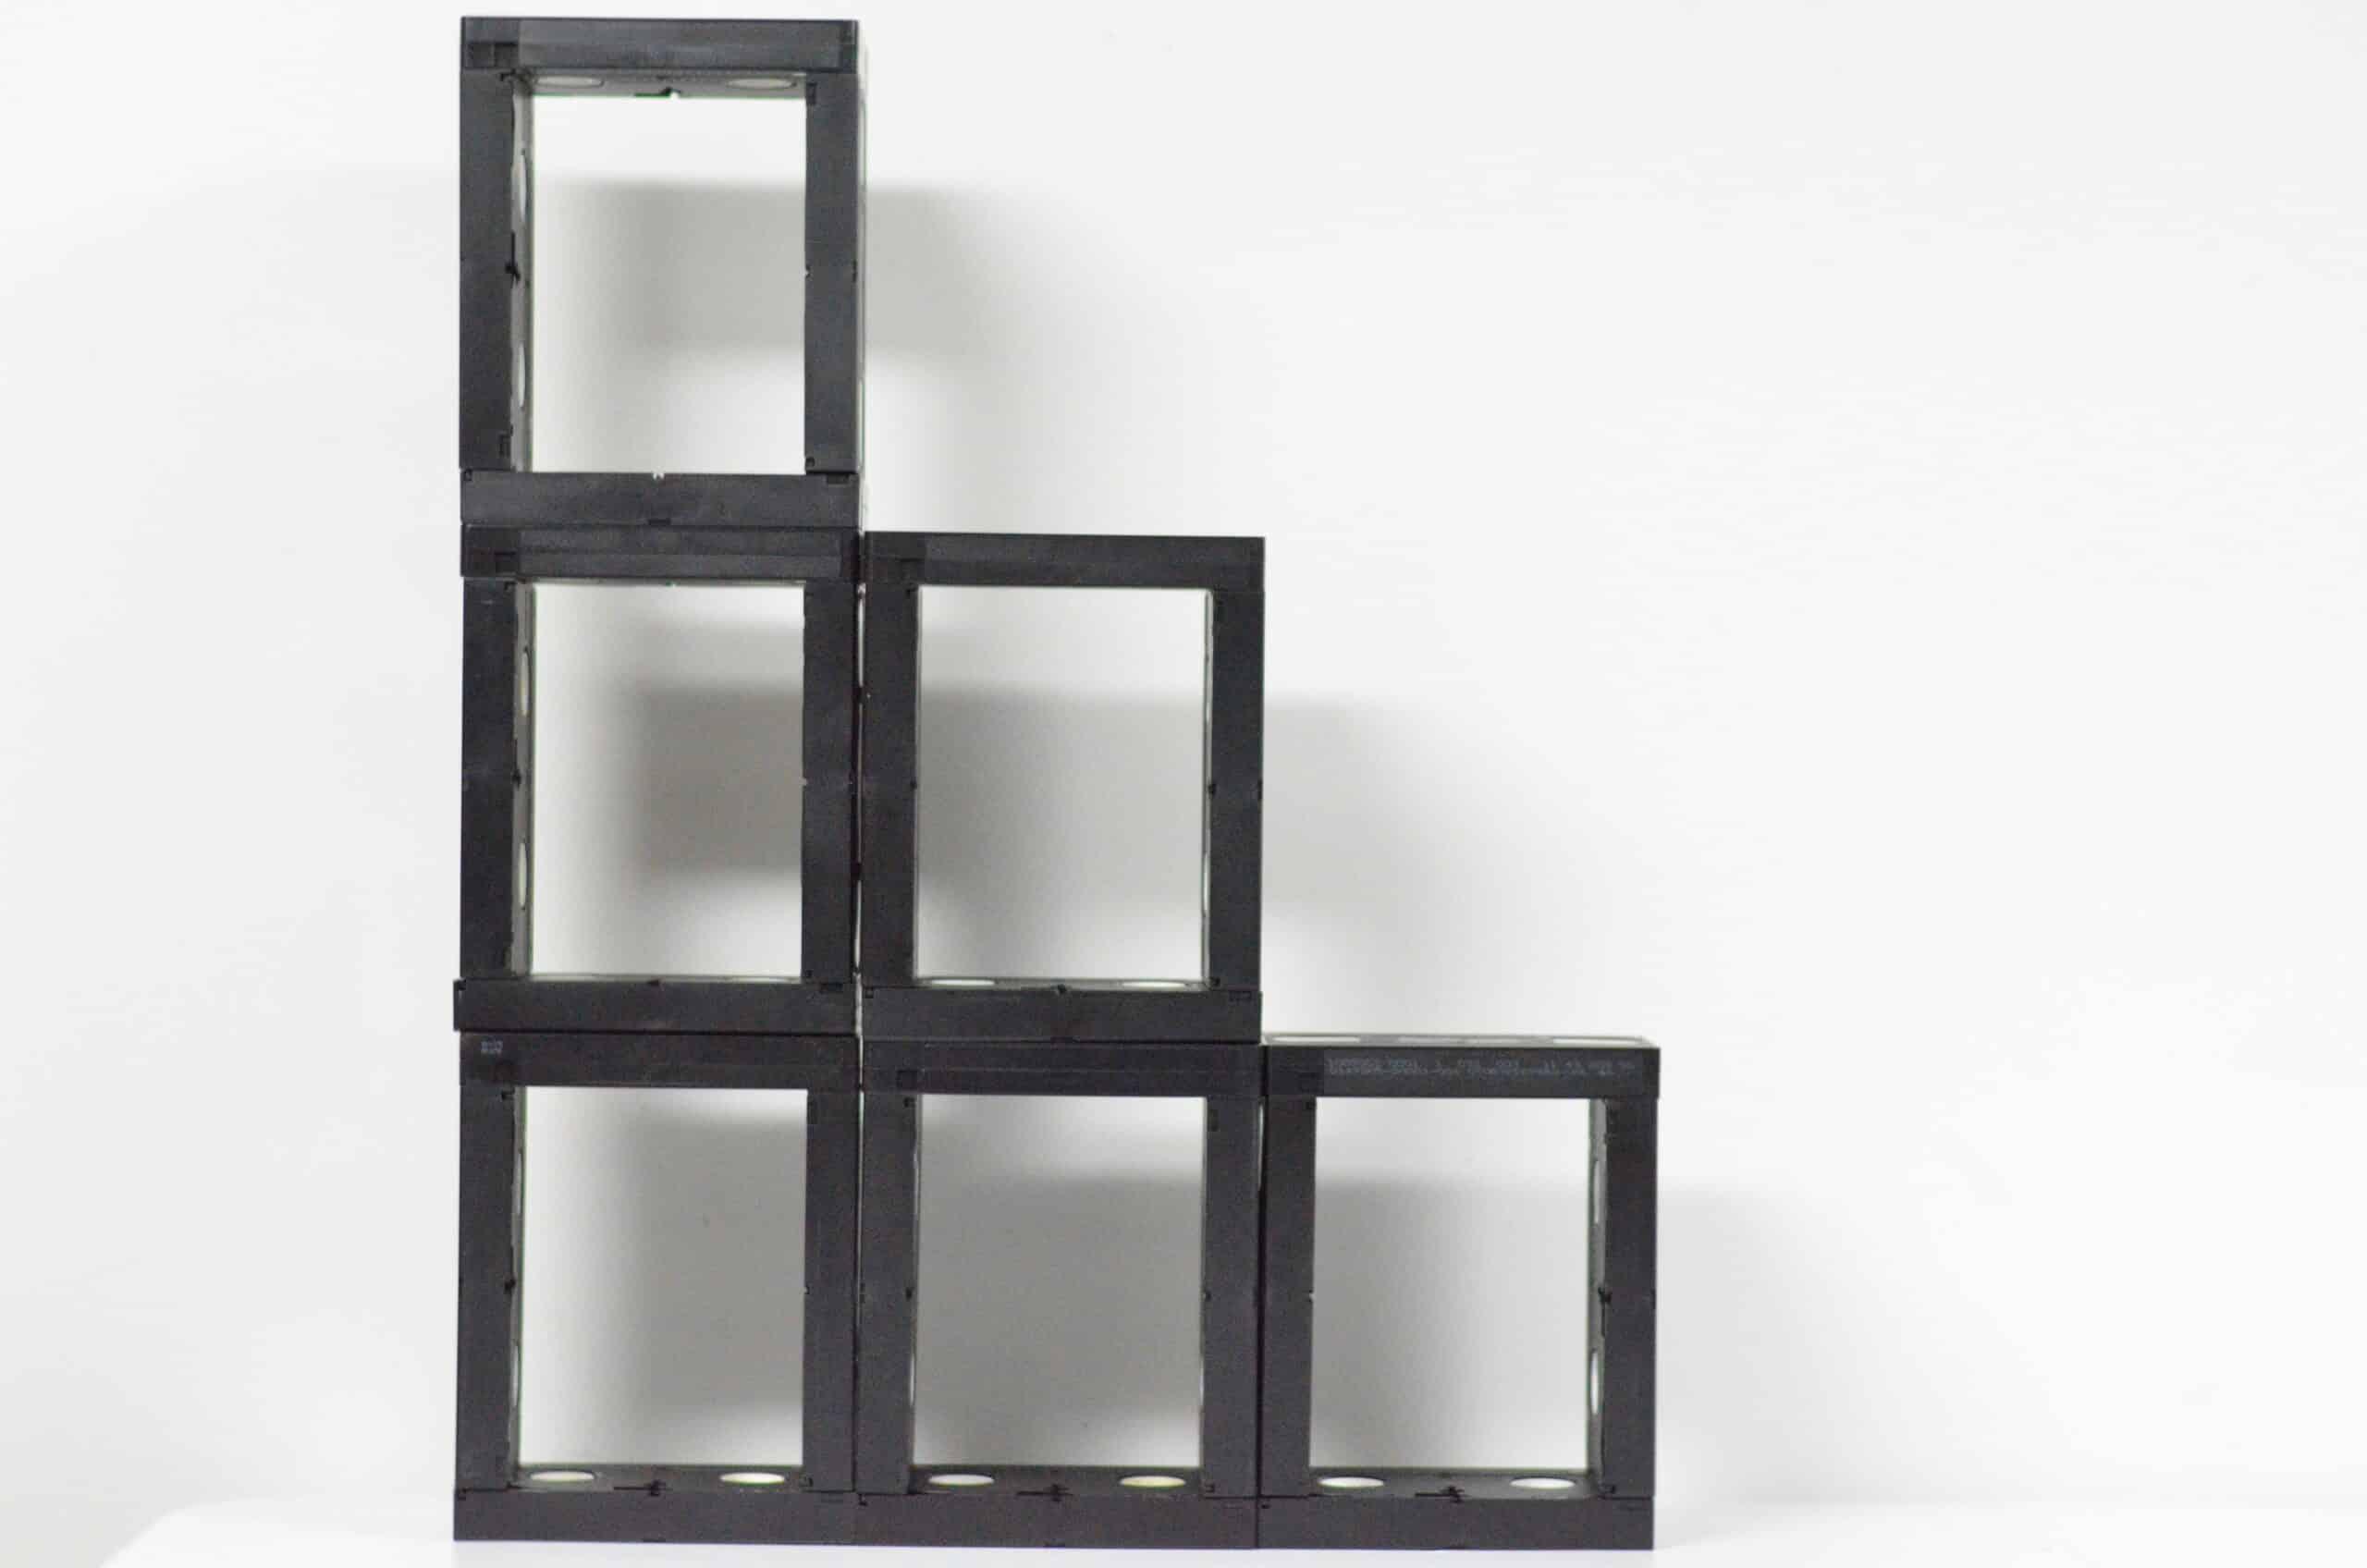 VHS shelf system